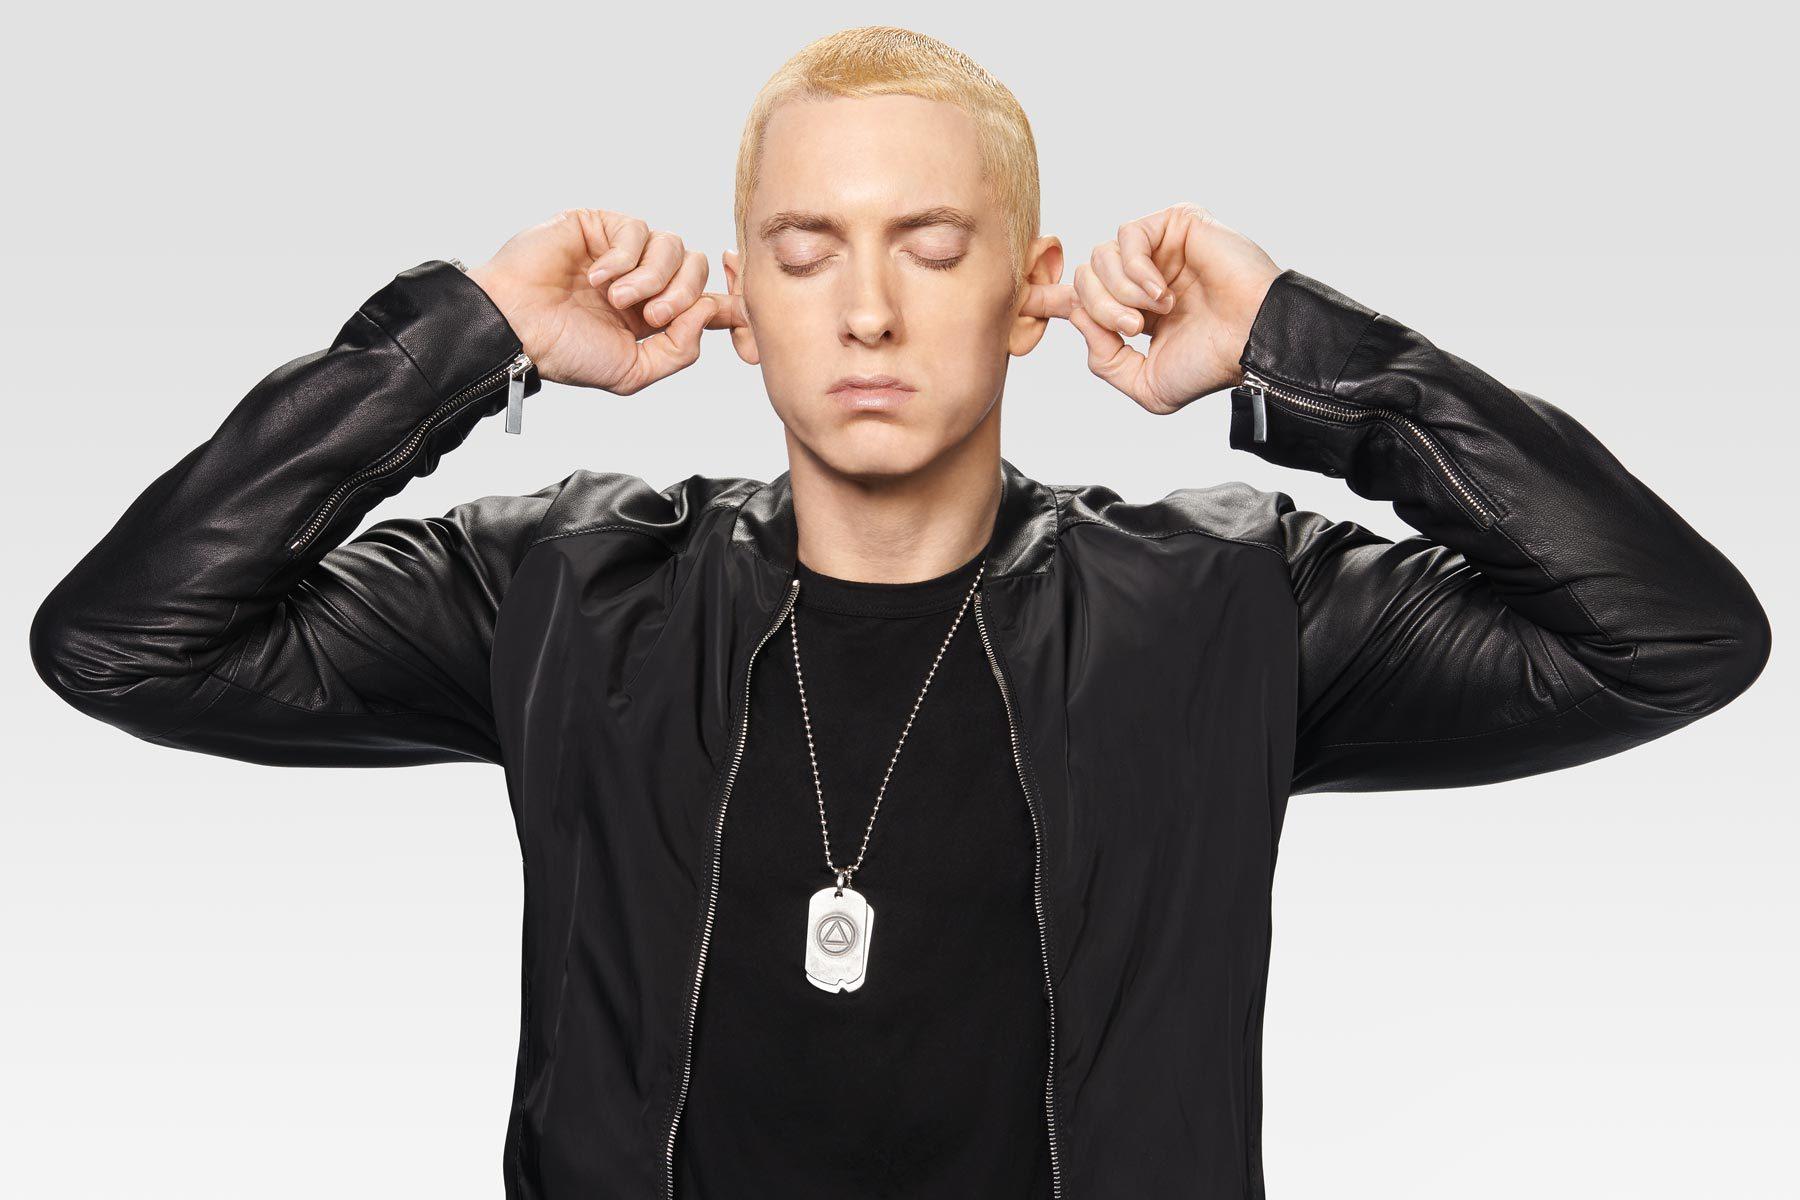 El nuevo álbum de Eminem puede estar listo a finales de año